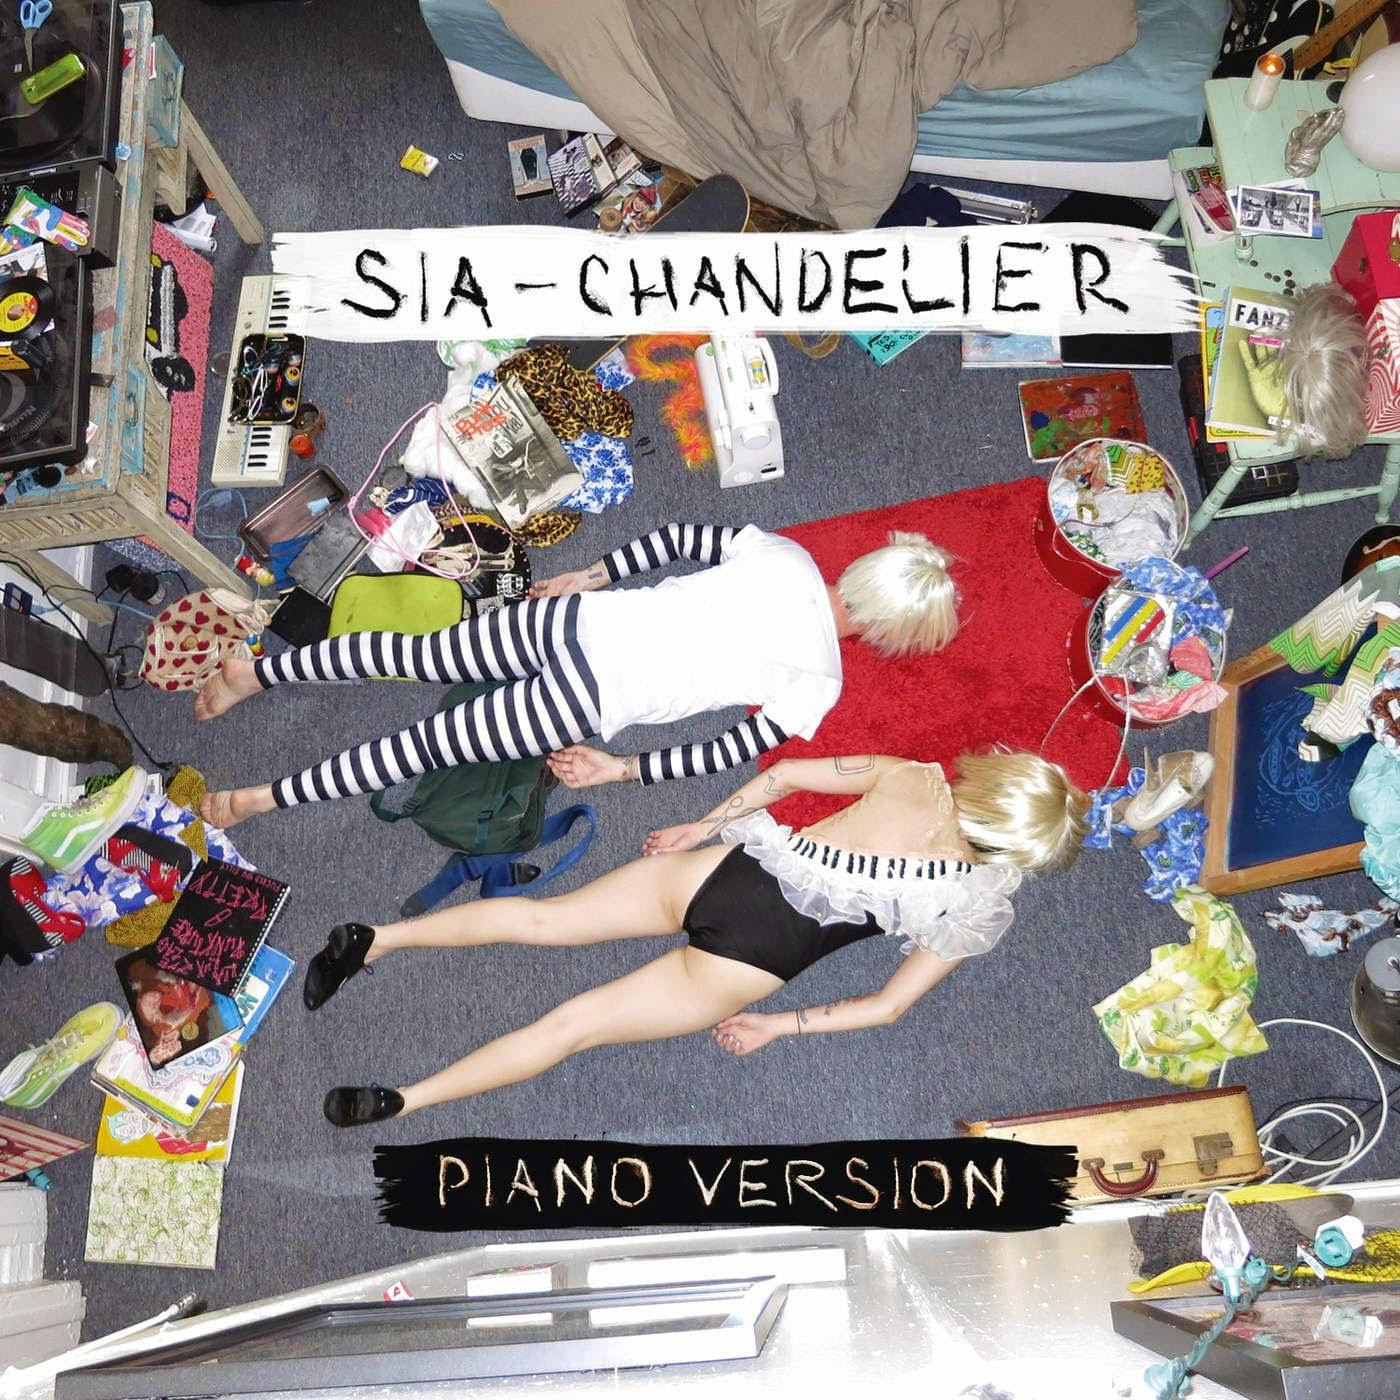 Sia - Chandelier (Piano Version) - Single Cover